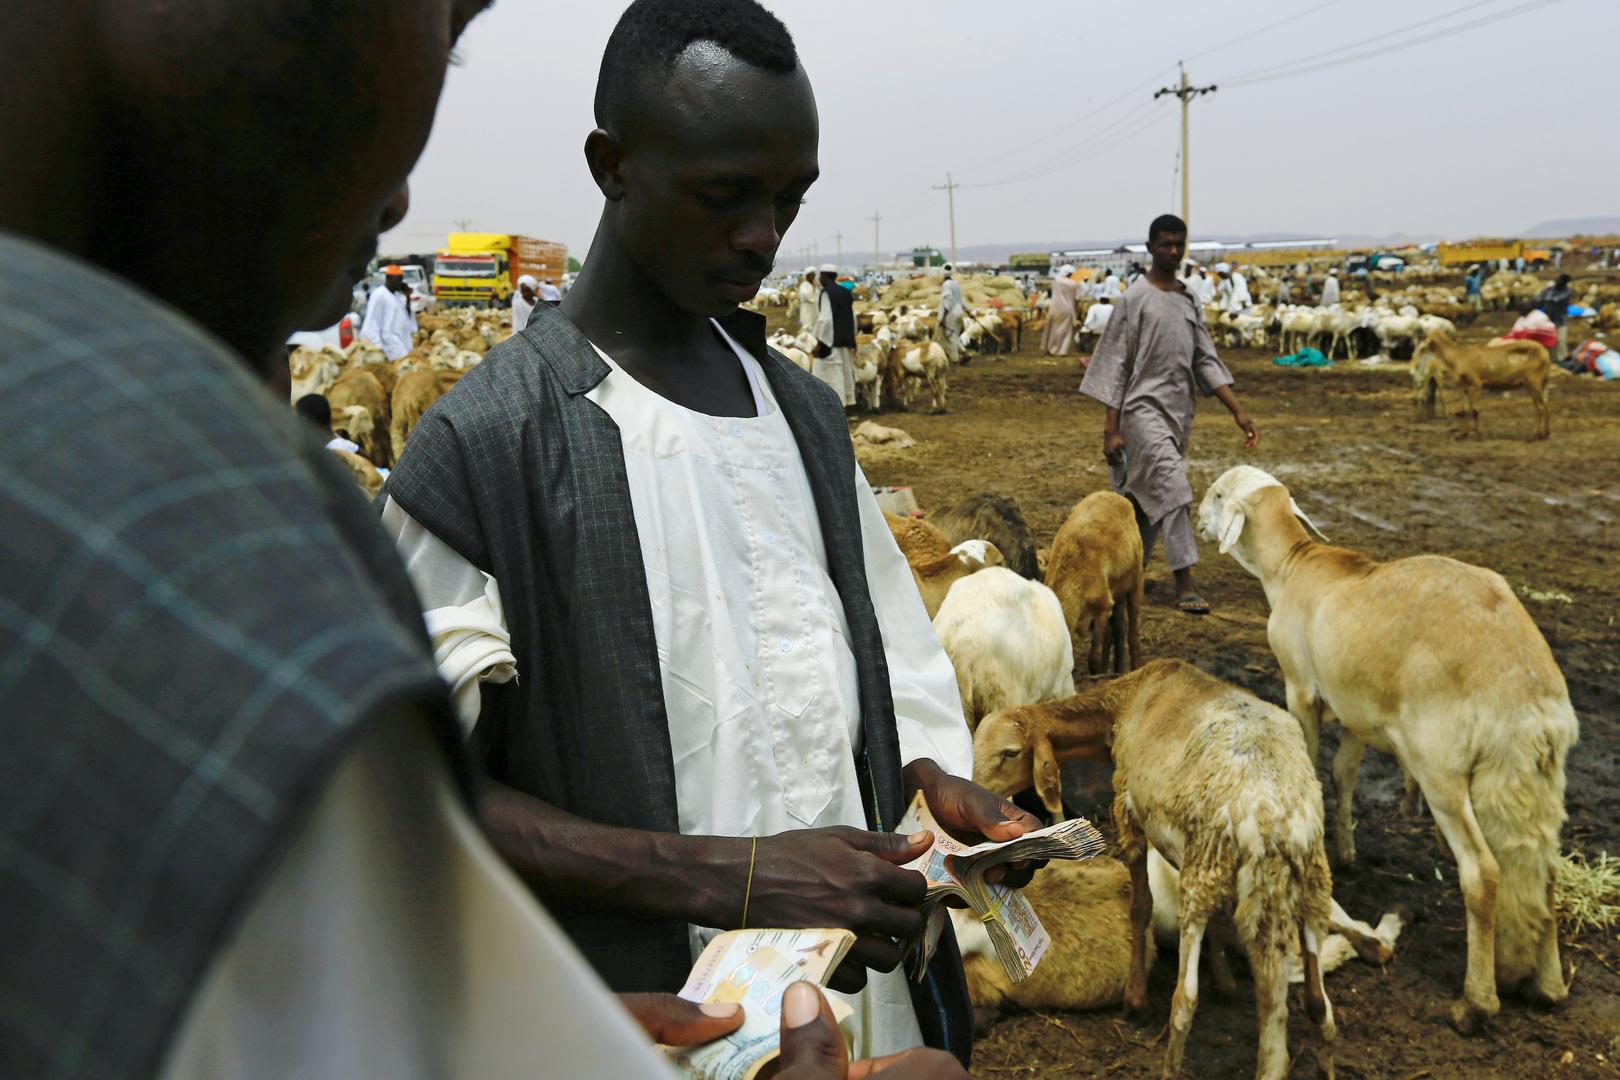 إرجاع المواشي السودانية من السعودية.. الأسباب والحلول